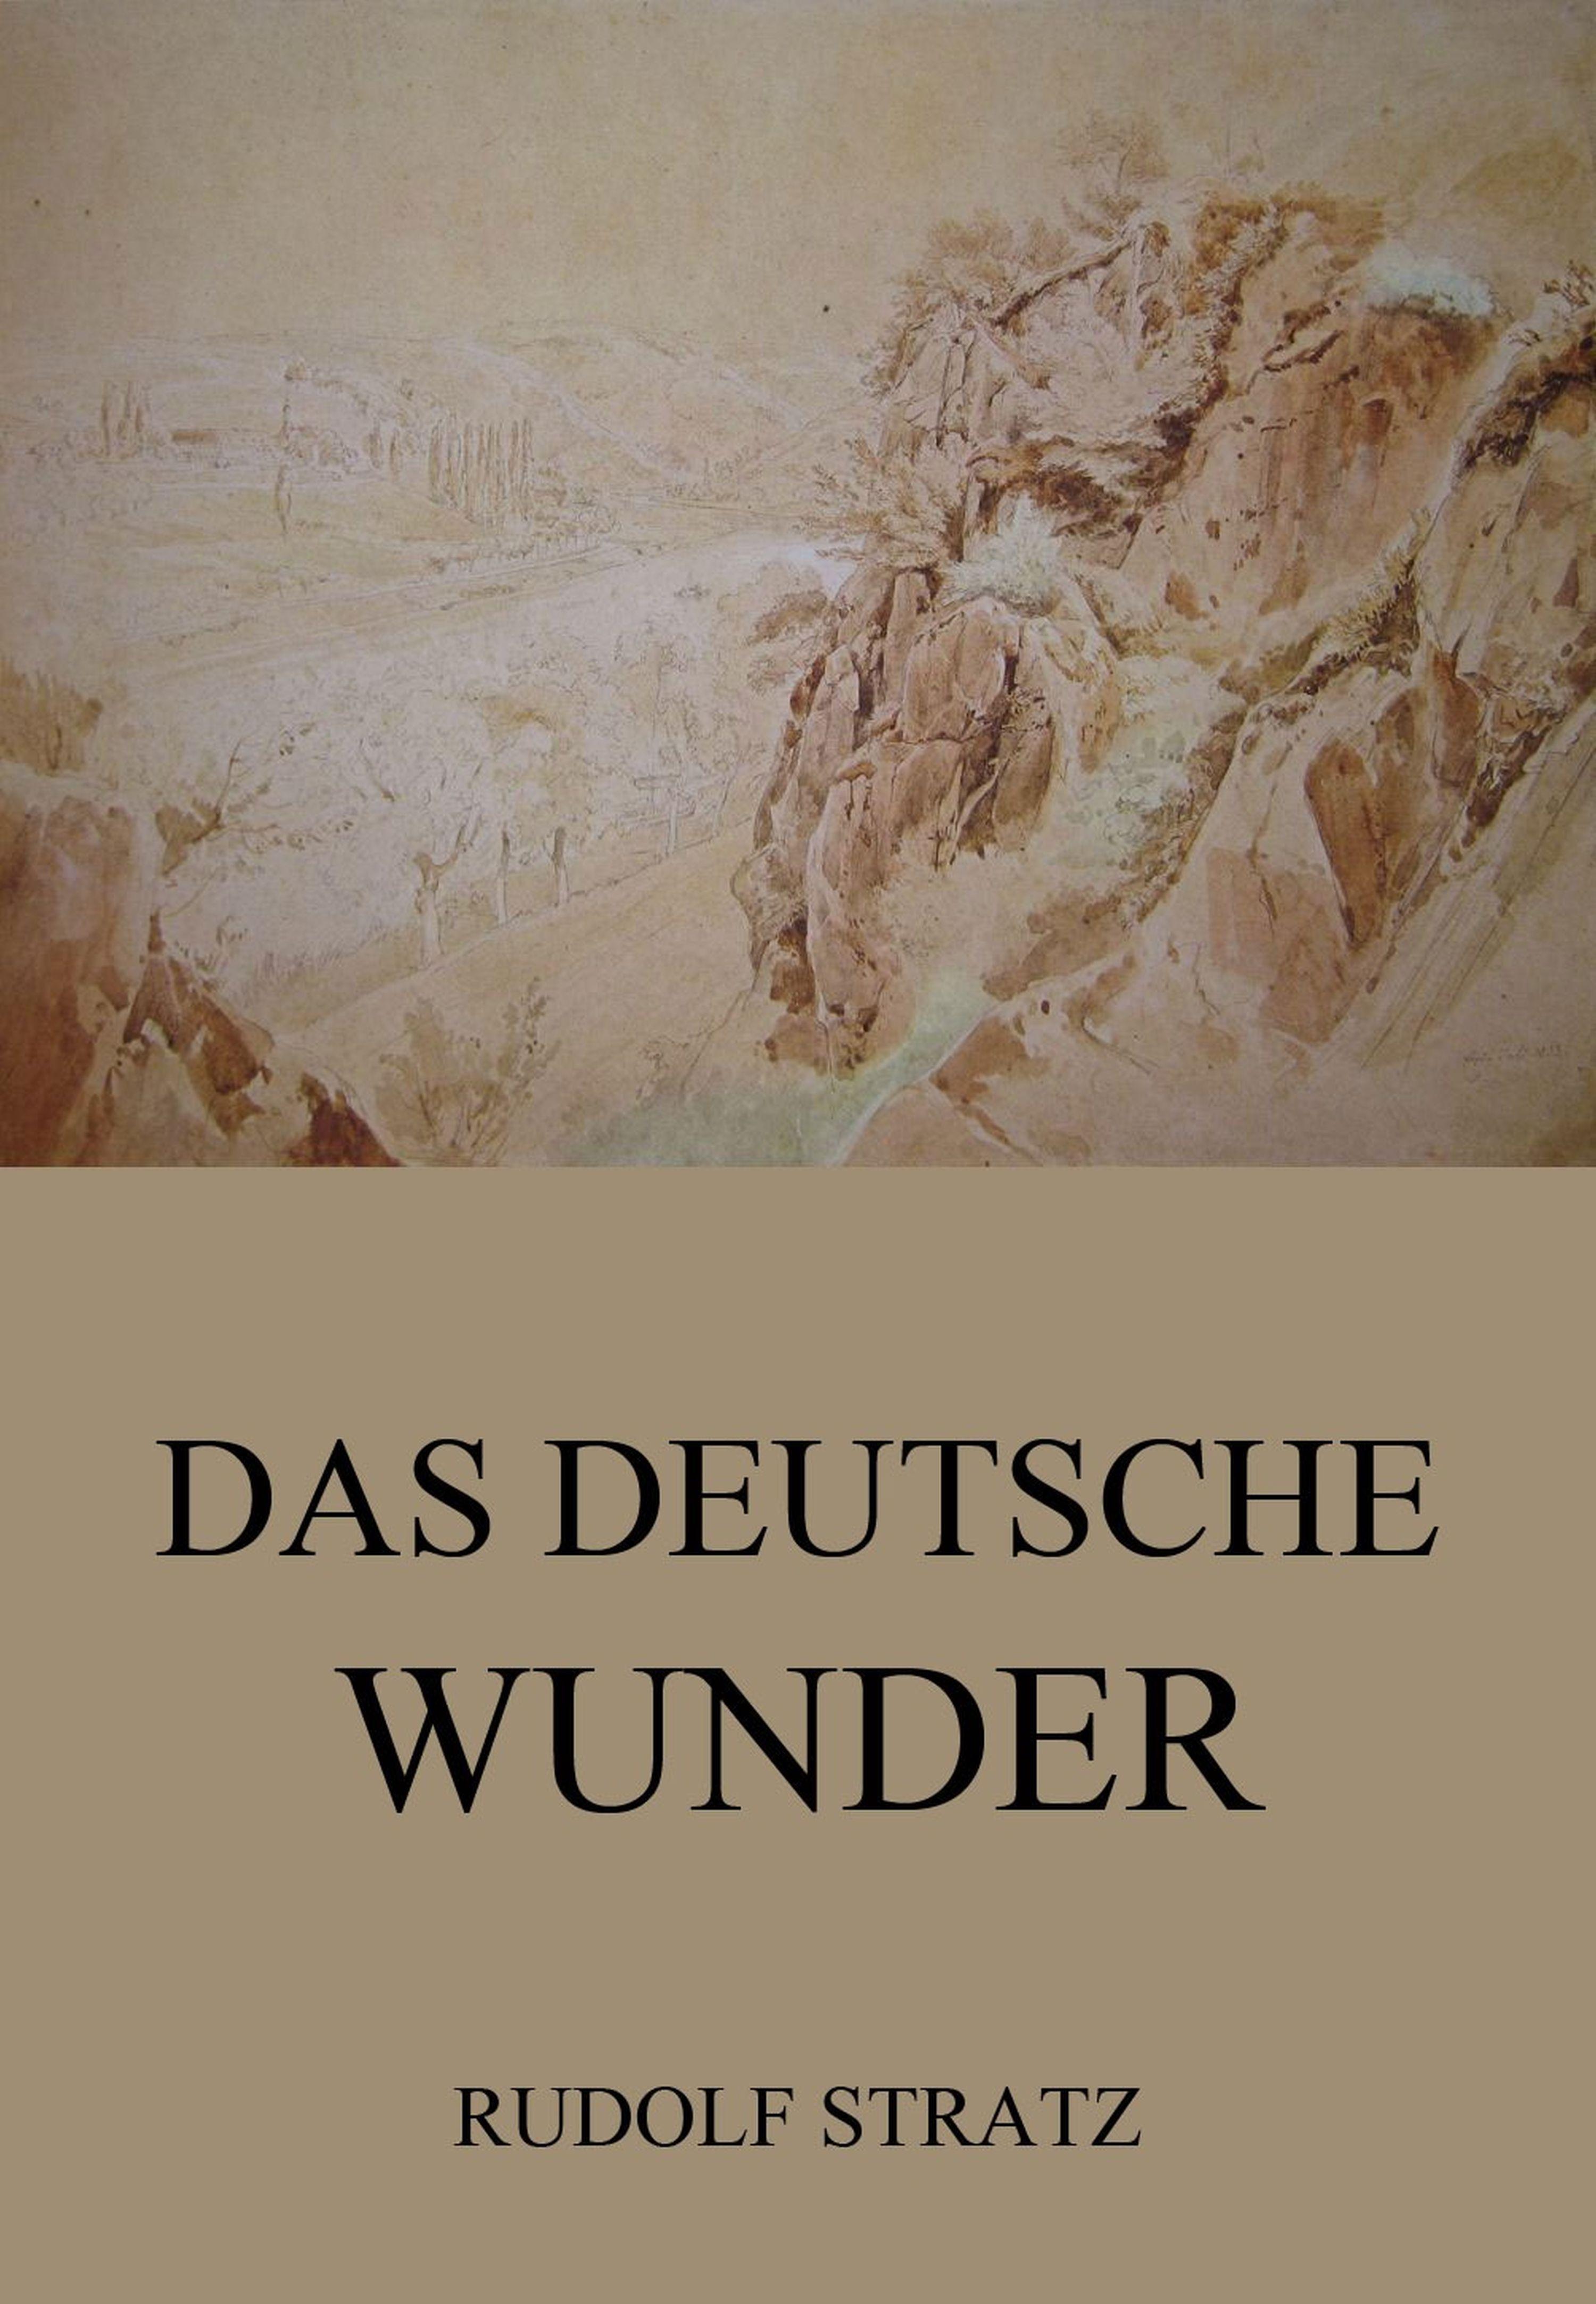 Rudolf Stratz Das deutsche Wunder